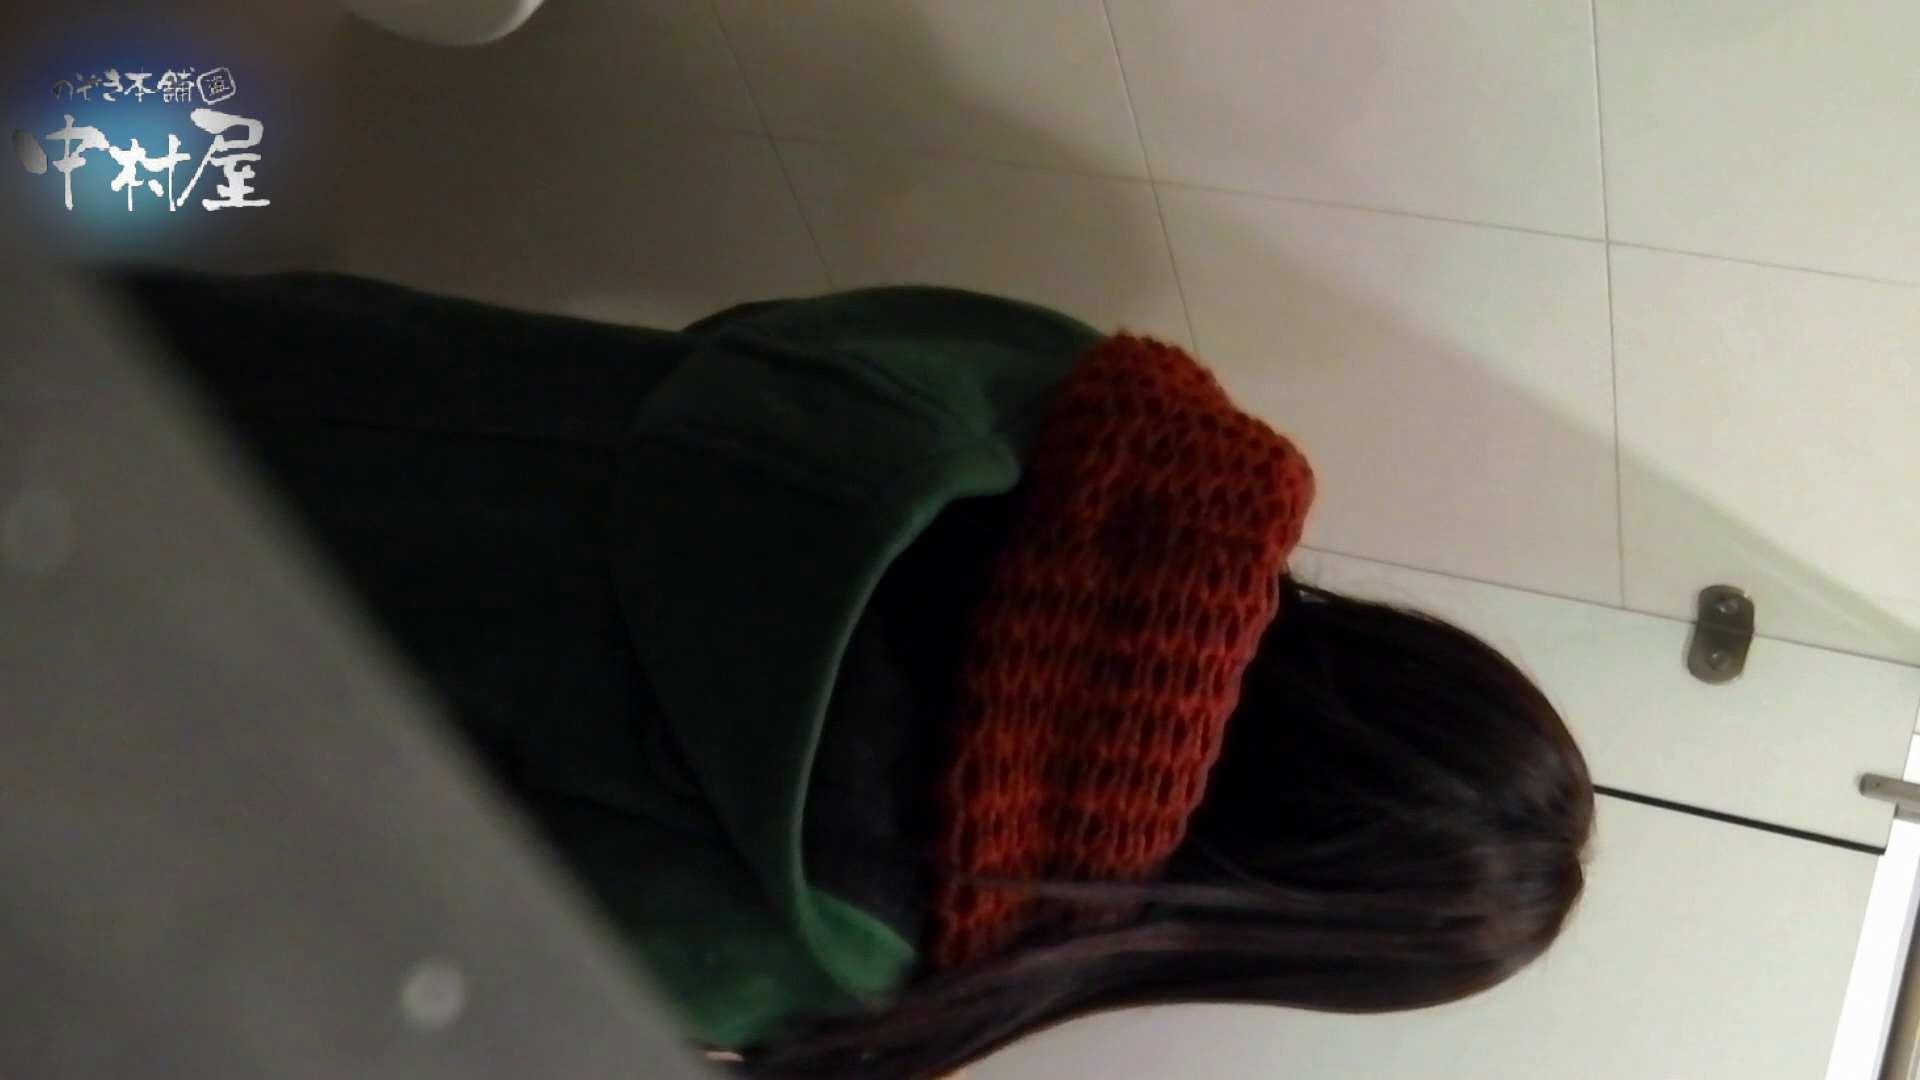 乙女集まる!ショッピングモール潜入撮vol.07 トイレ 盗撮ワレメ無修正動画無料 102画像 99